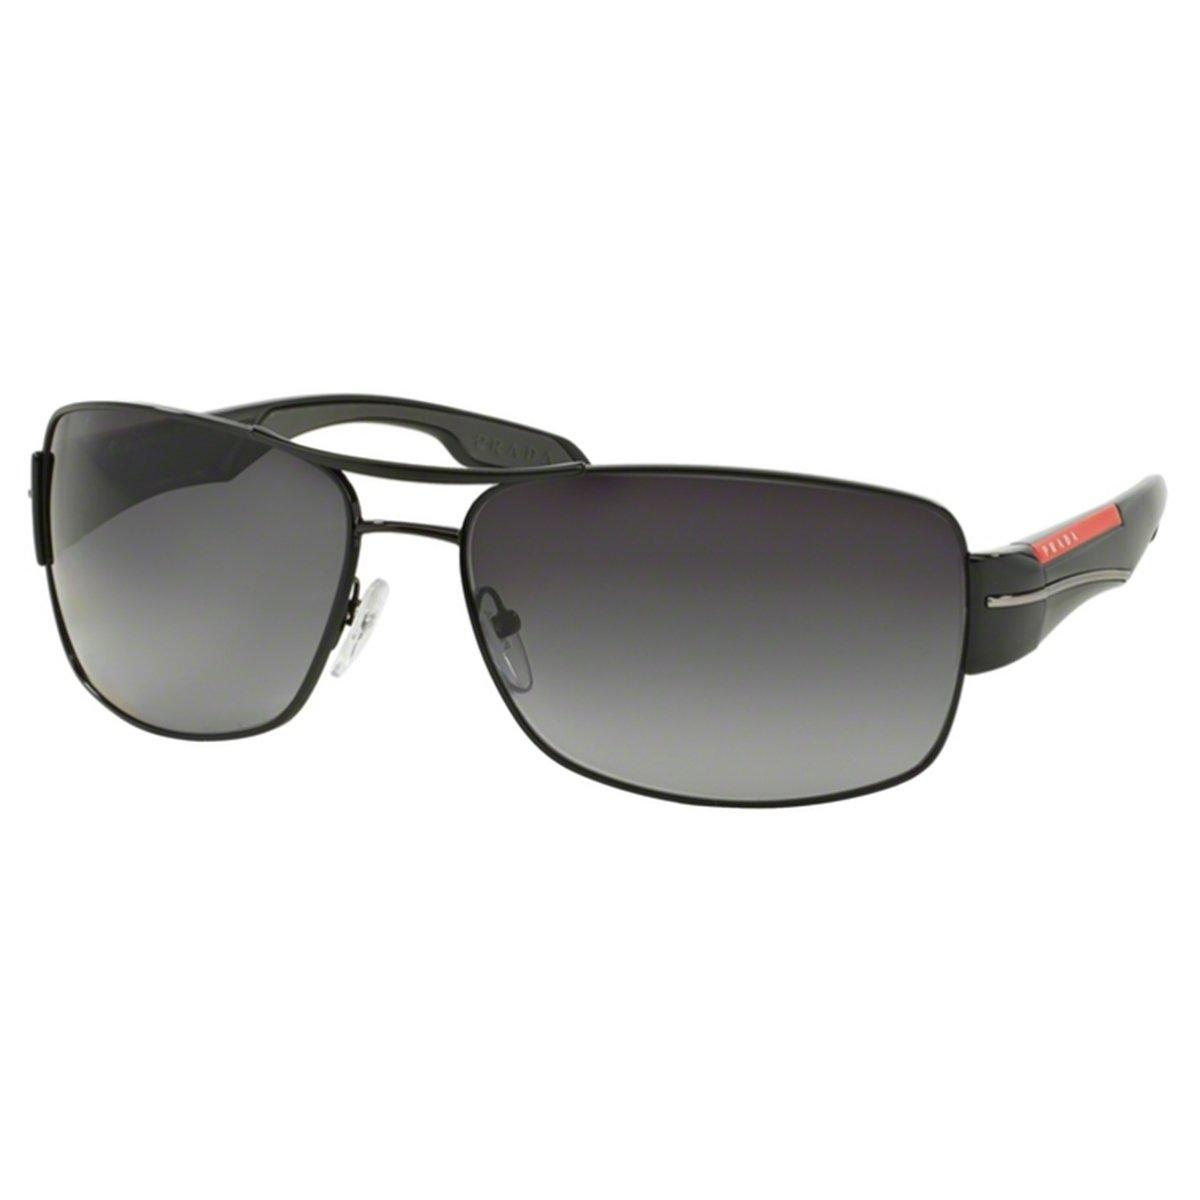 ... Compre Óculos de Sol Prada em 10X Tri-Jóia Shop b12408ca2e0242 ... 4eb99d6006